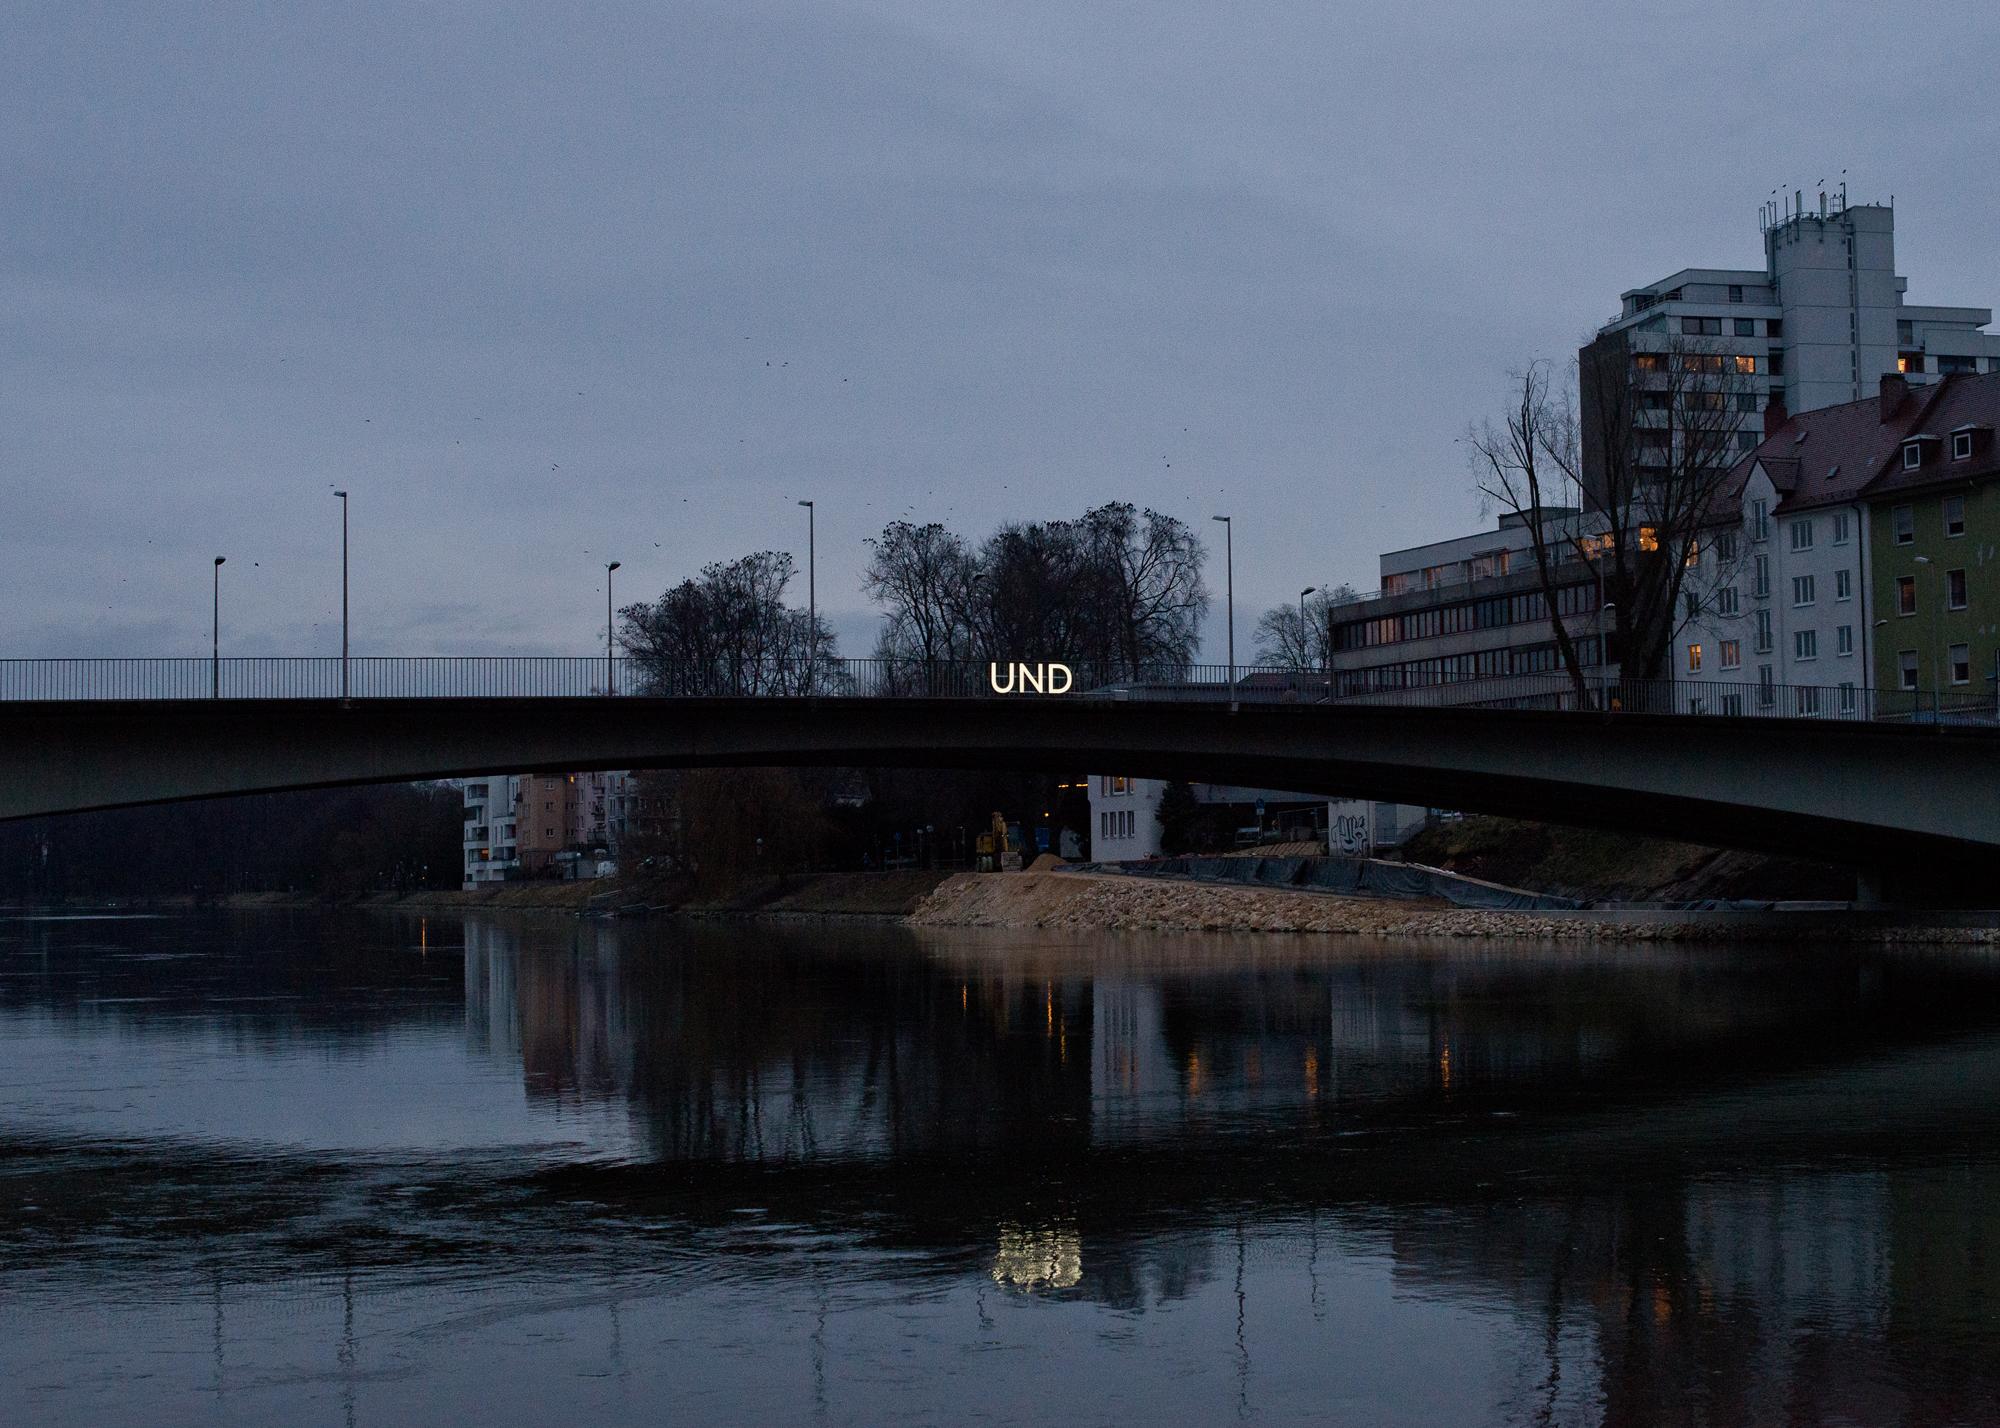 UND_004.jpg